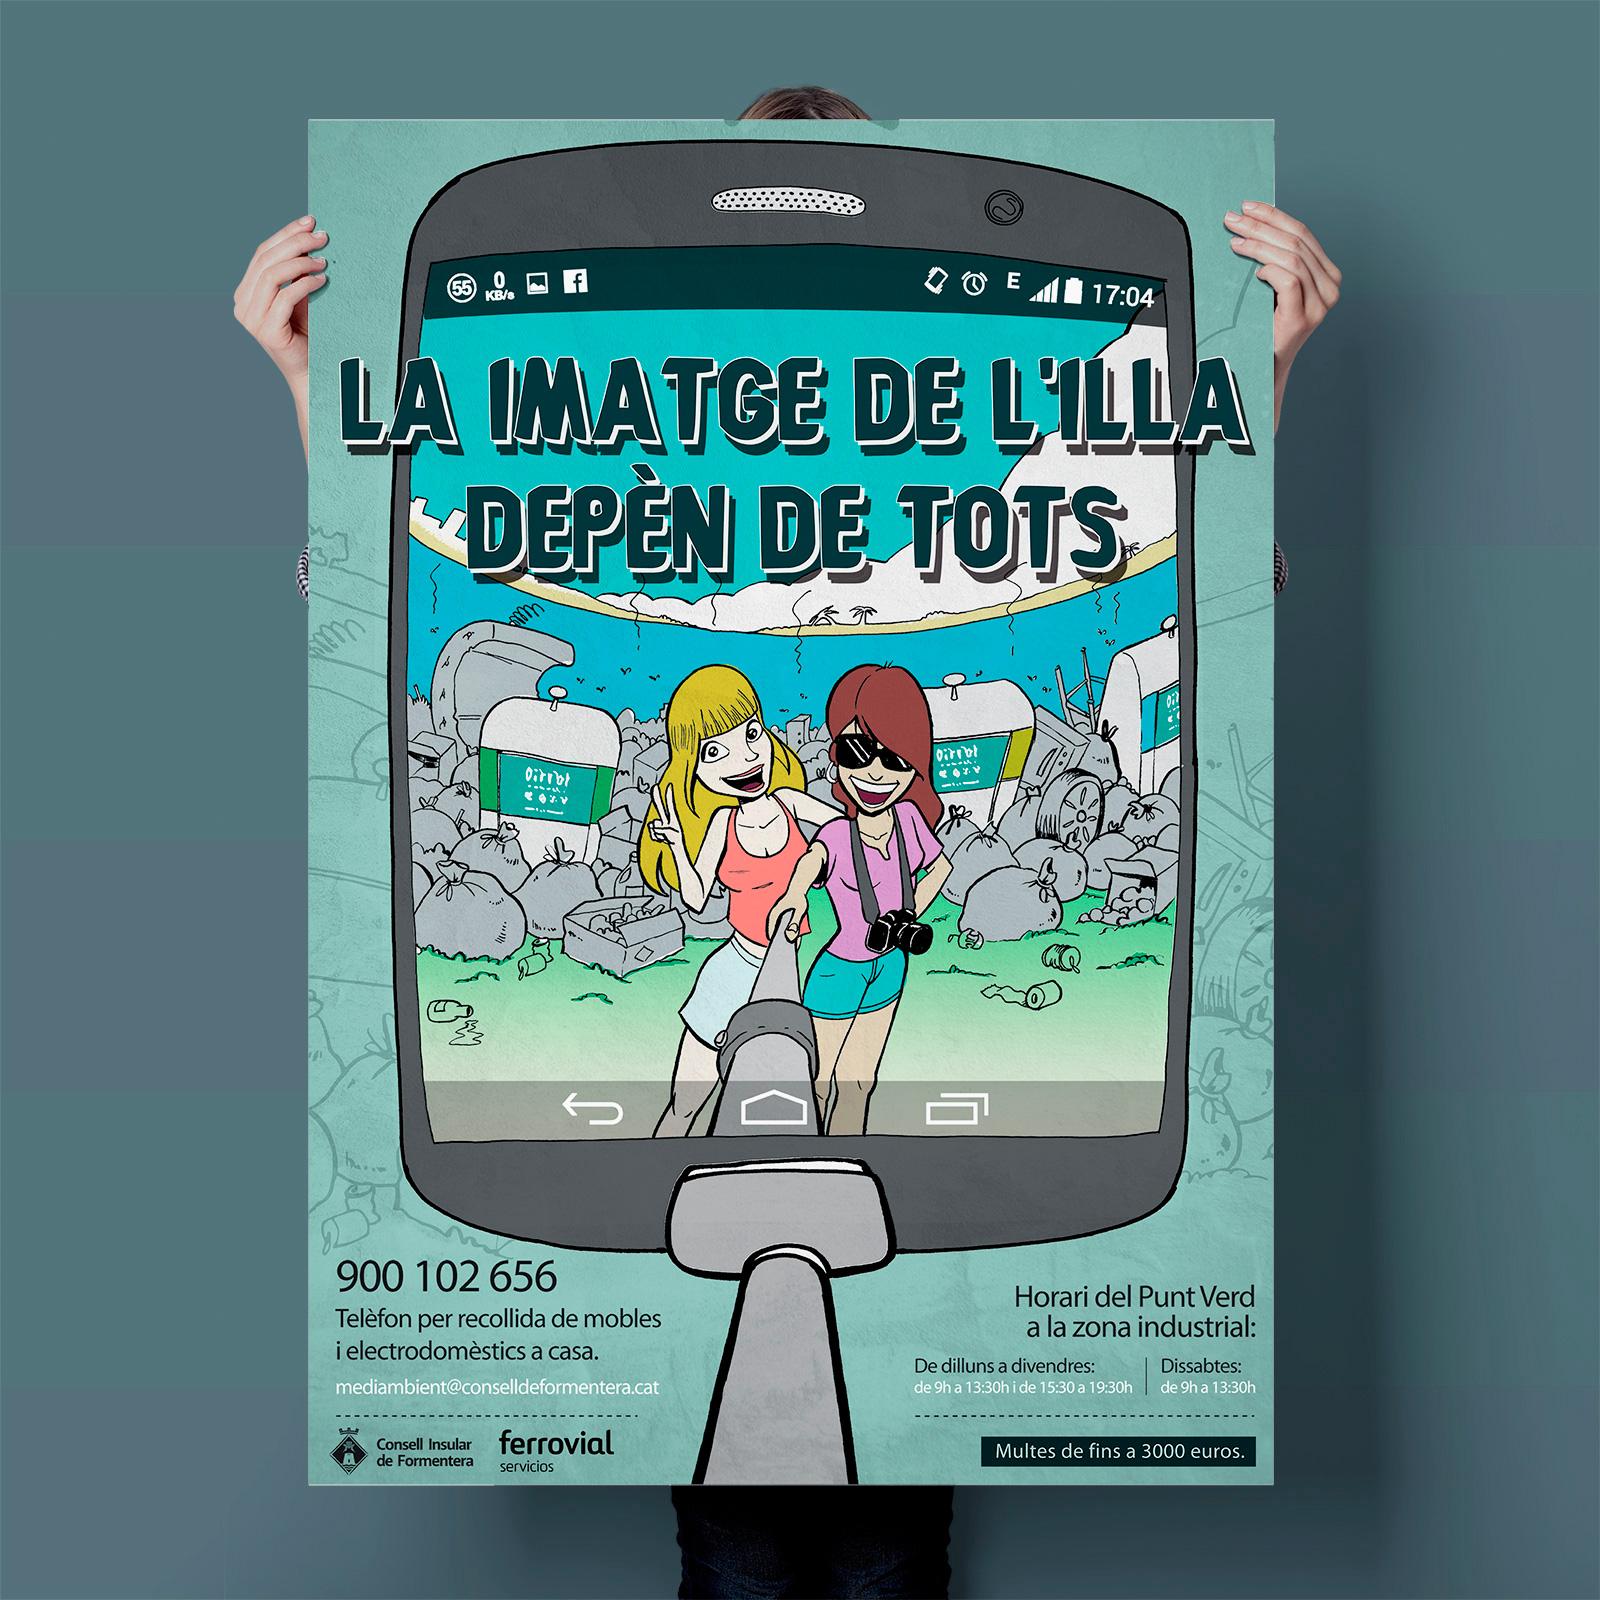 LA IMATGE DE L'ILLA DEPÈN DE TOTS